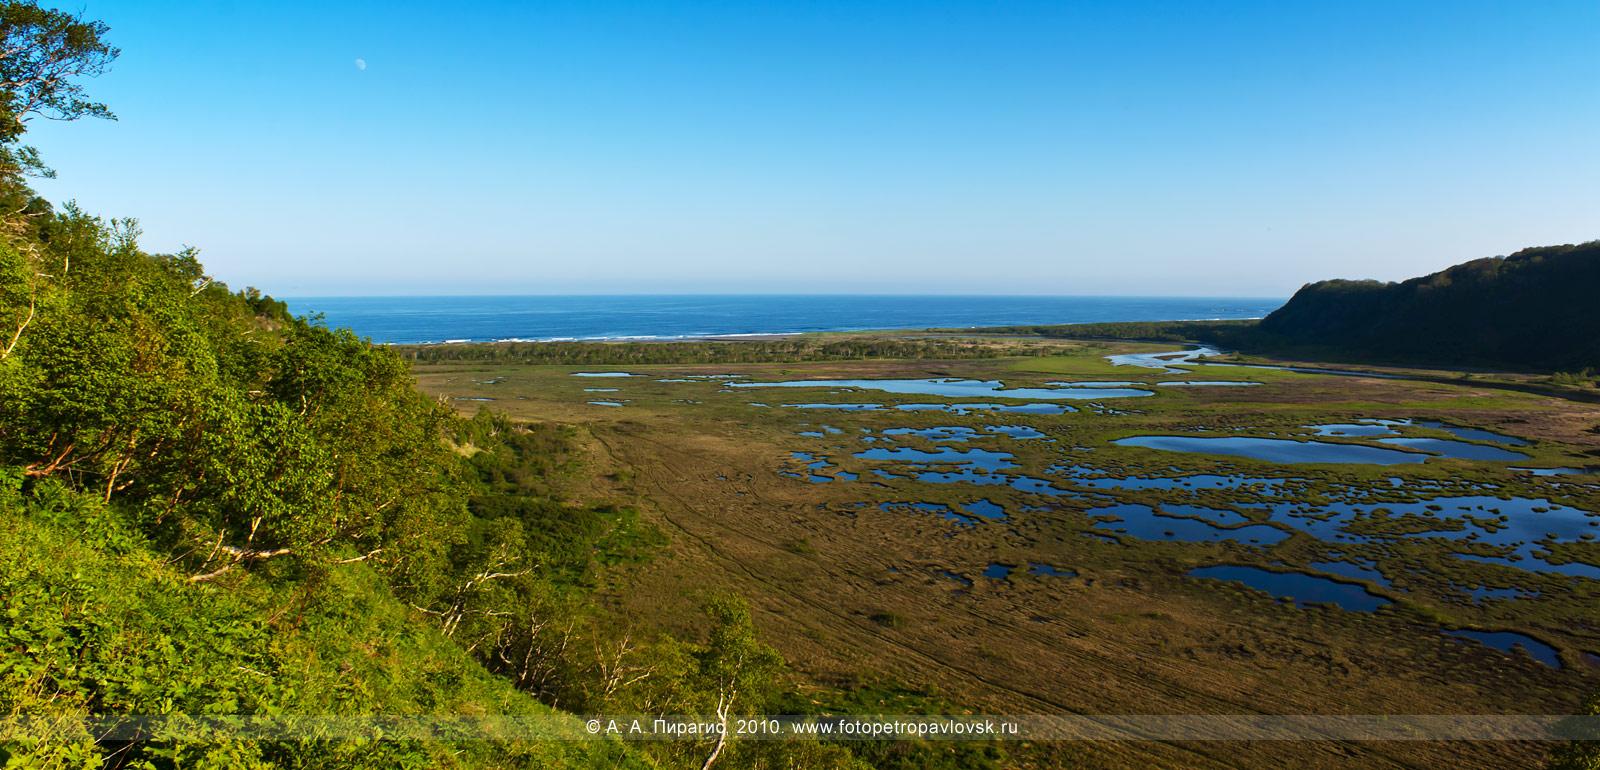 Фотография: панорама — Приливное озеро. Окрестности города Петропавловска-Камчатского (Авачинский залив, Тихий океан)